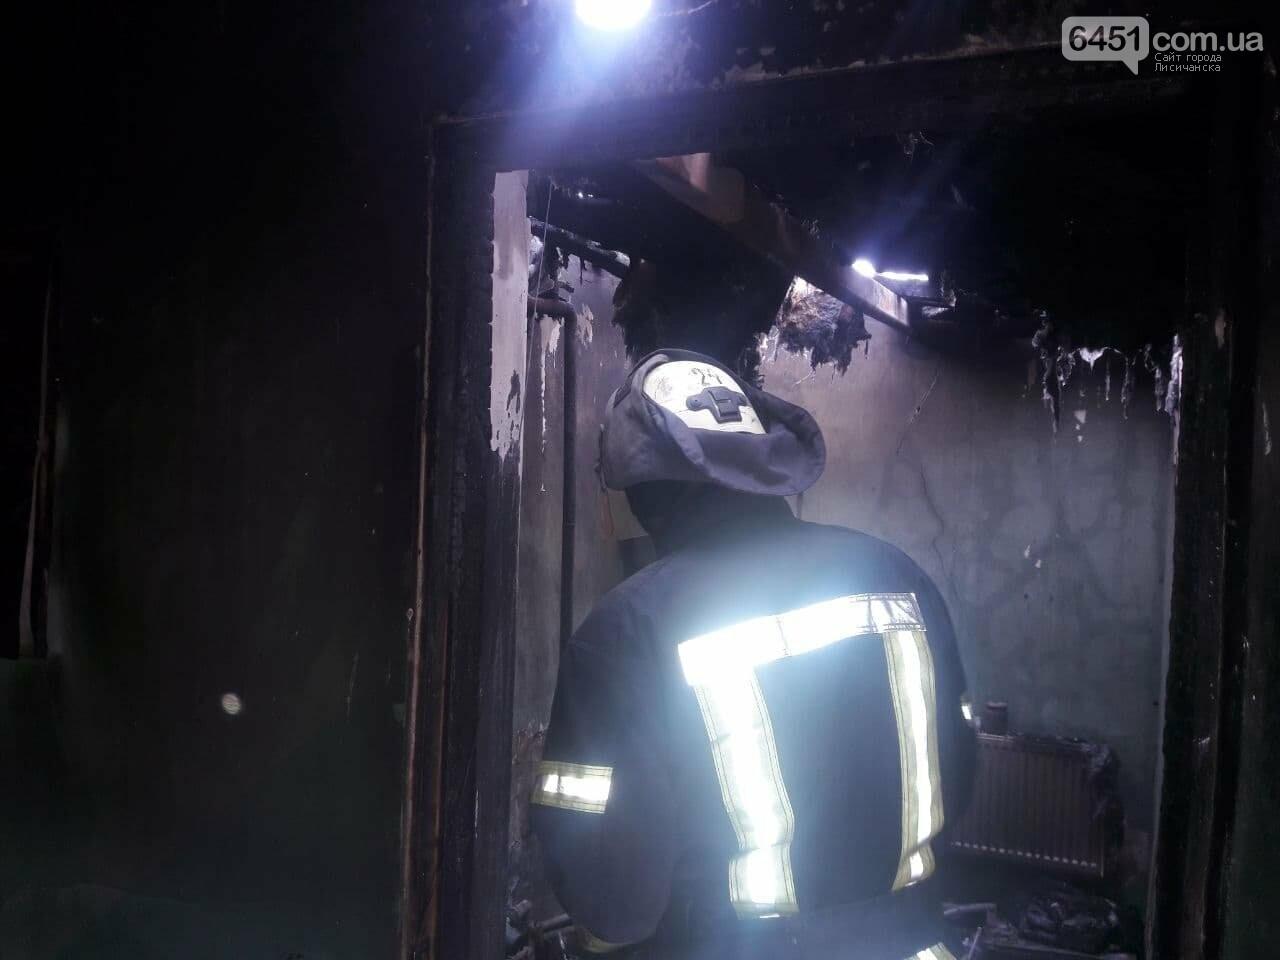 Пожарный на месте происшествия